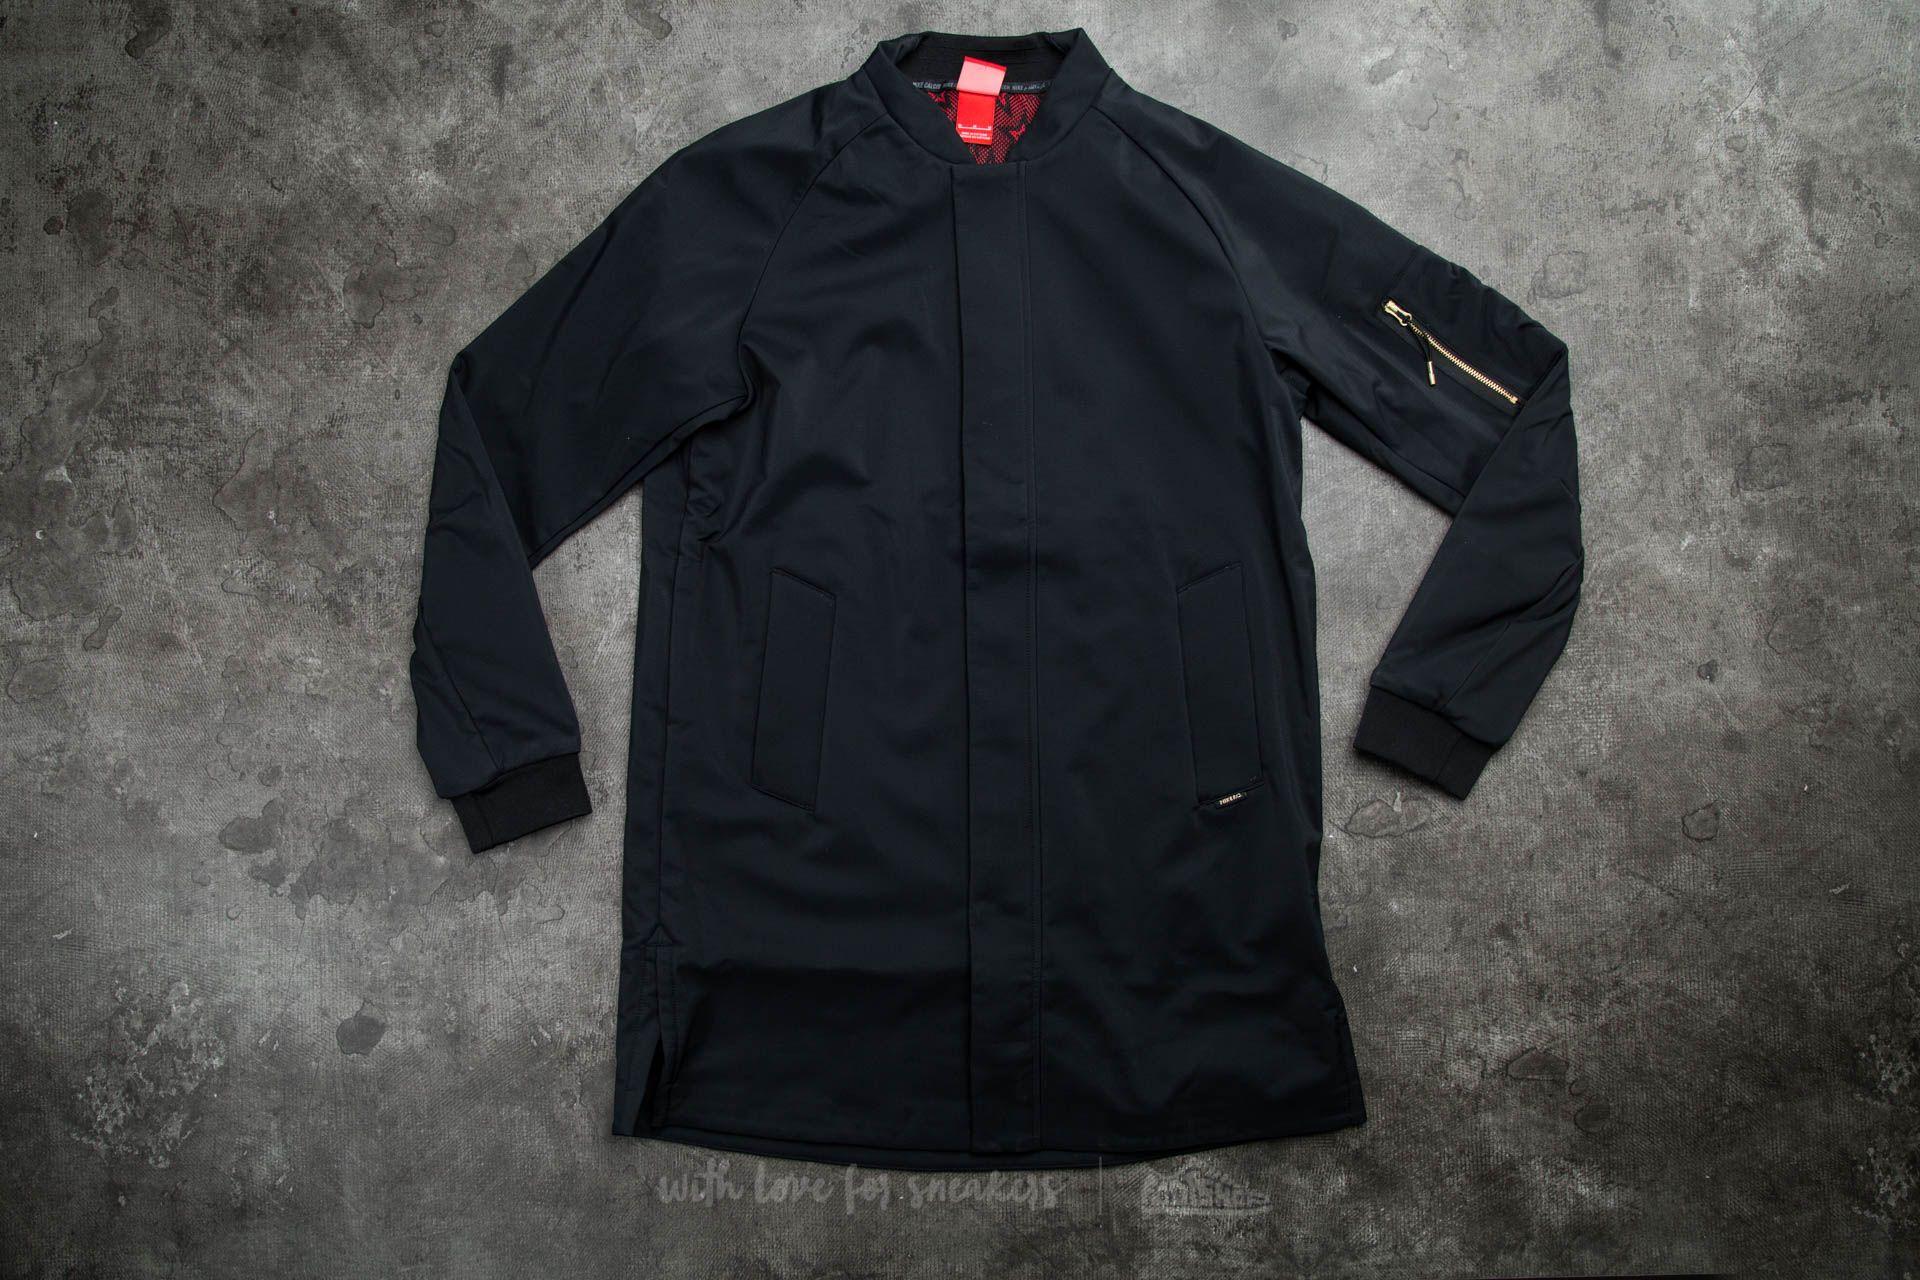 Nike F.C. Jacket Black